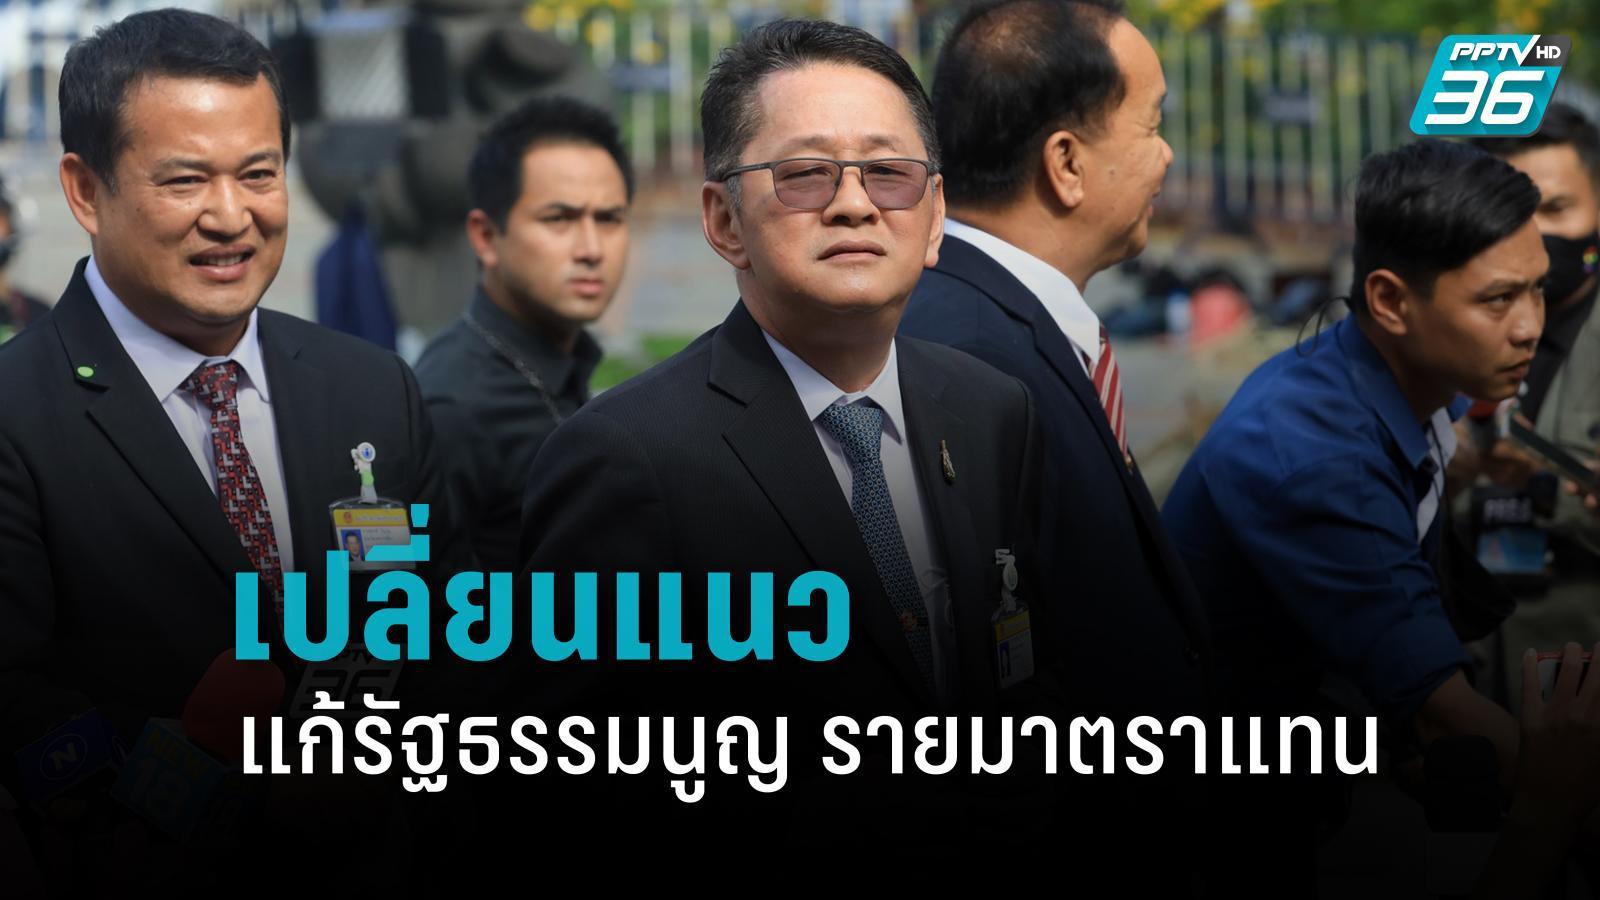 """""""เพื่อไทย"""" เล็ง เปลี่ยนแนว แก้รัฐธรรมนูญรายมาตราแทน"""